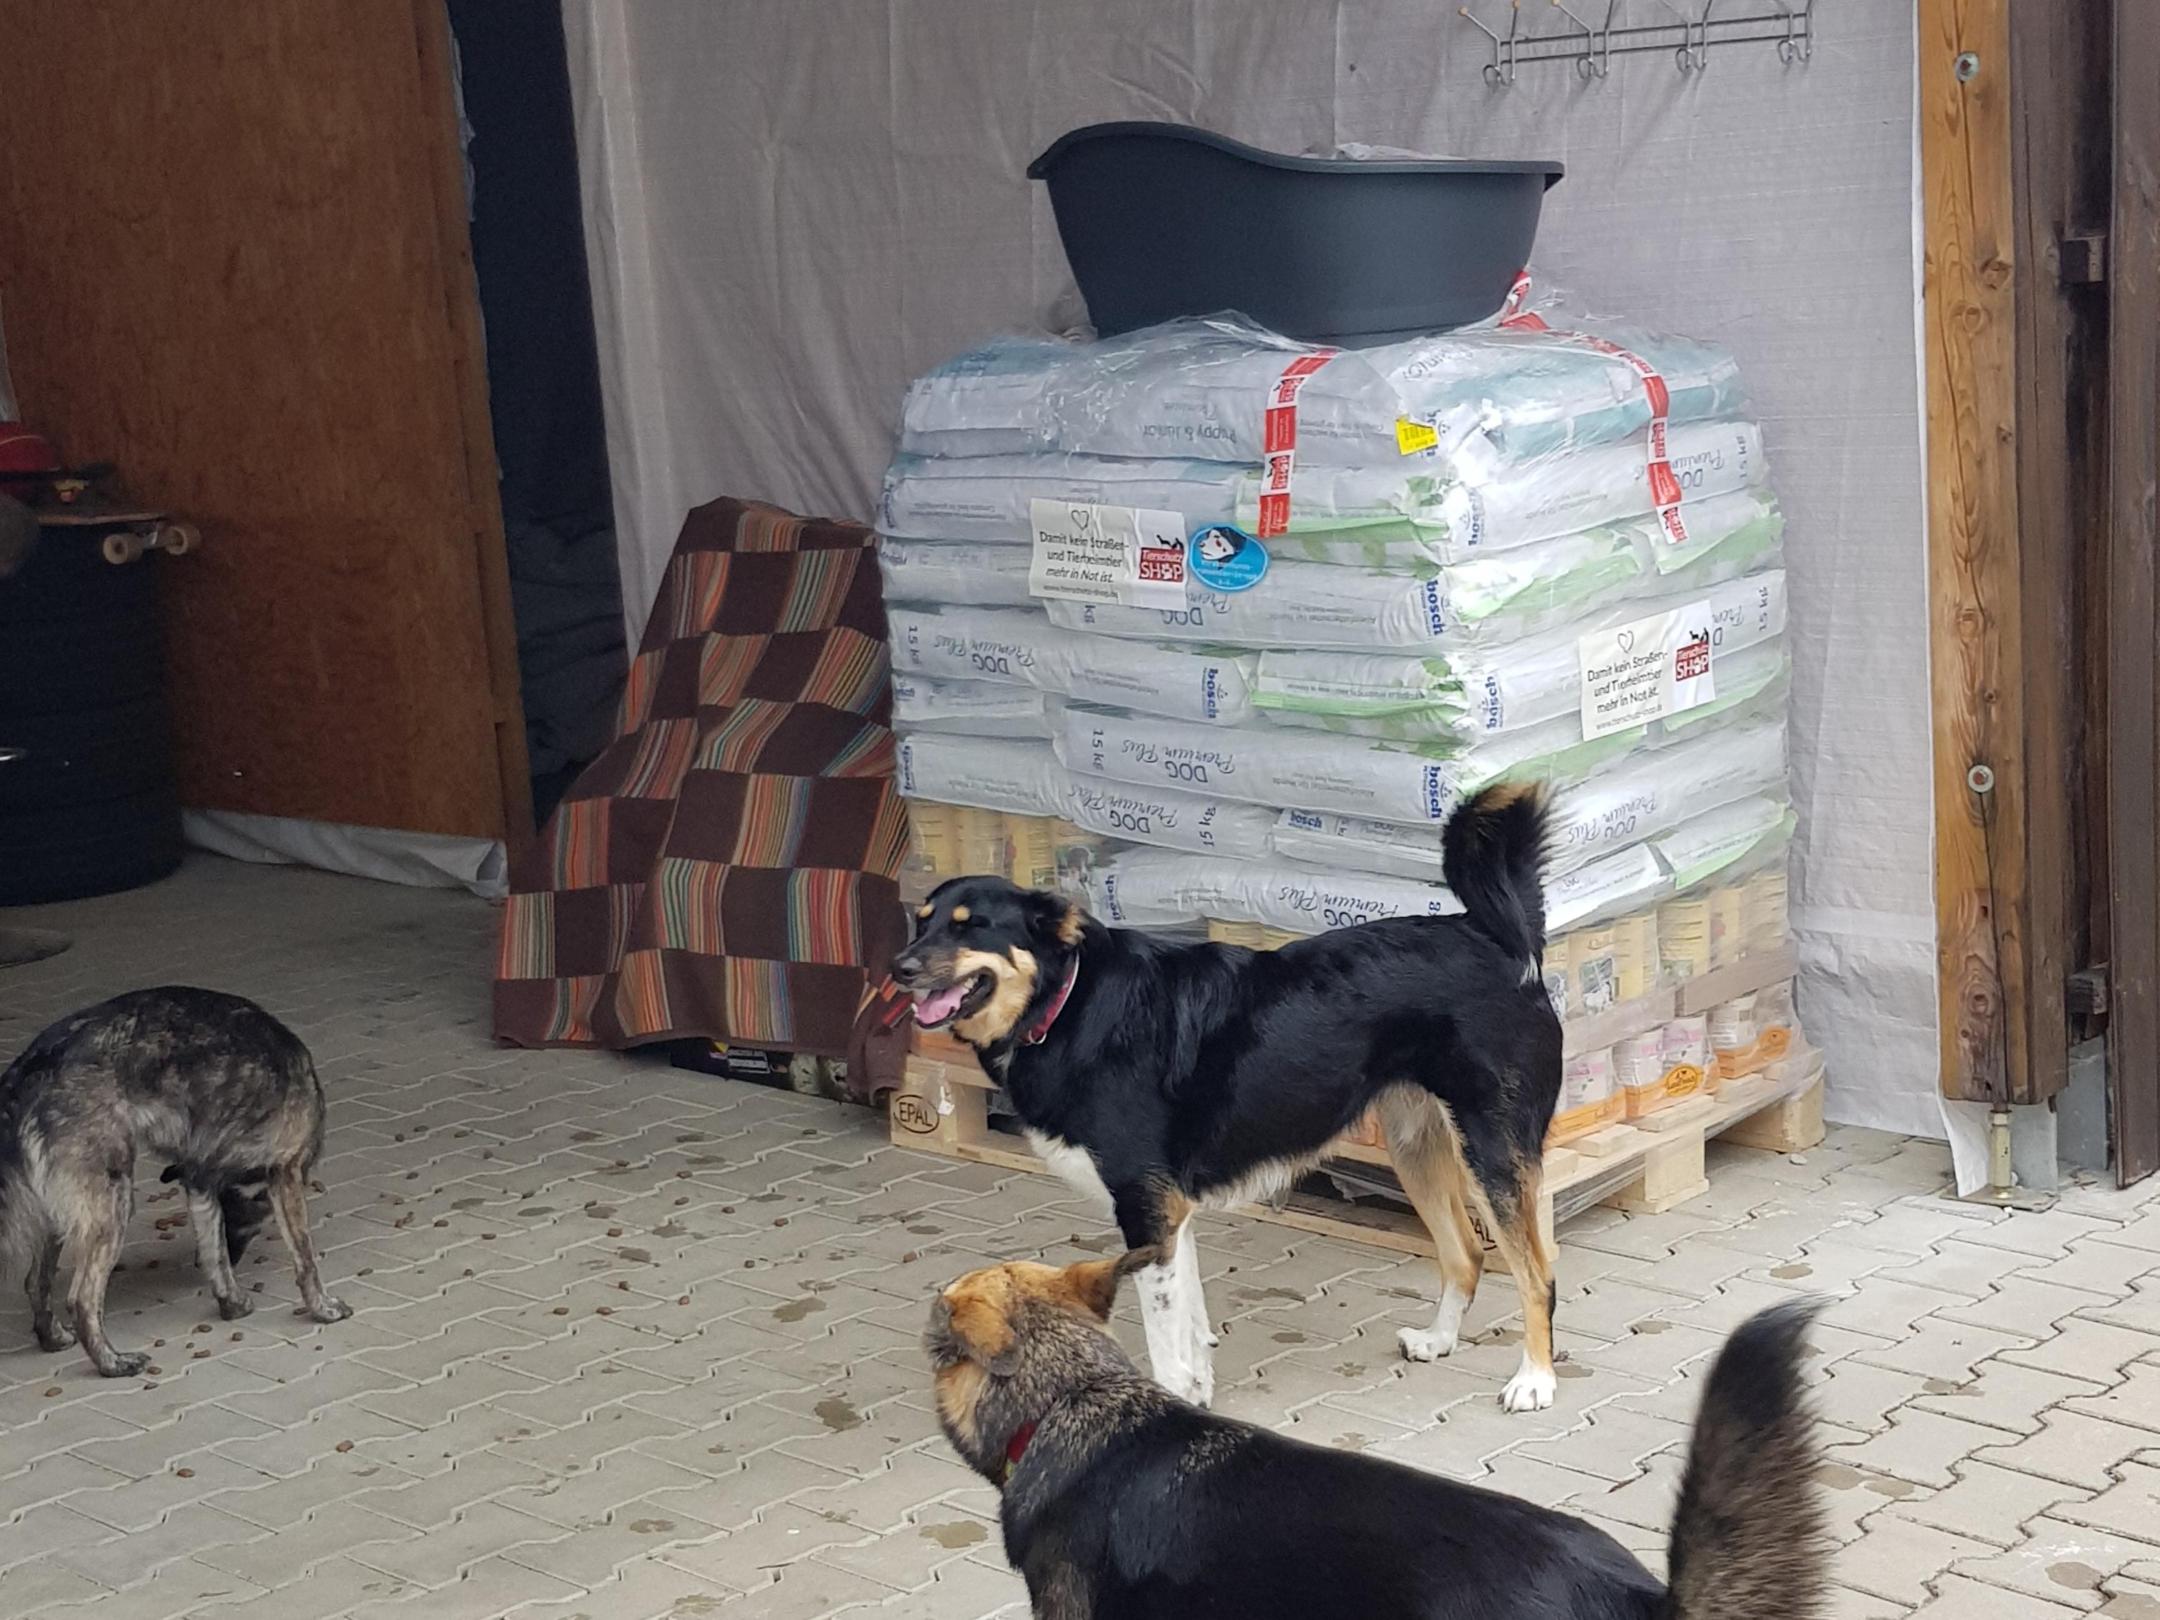 Strassenhunde Rumänien in Not eV_WL_RU (8)